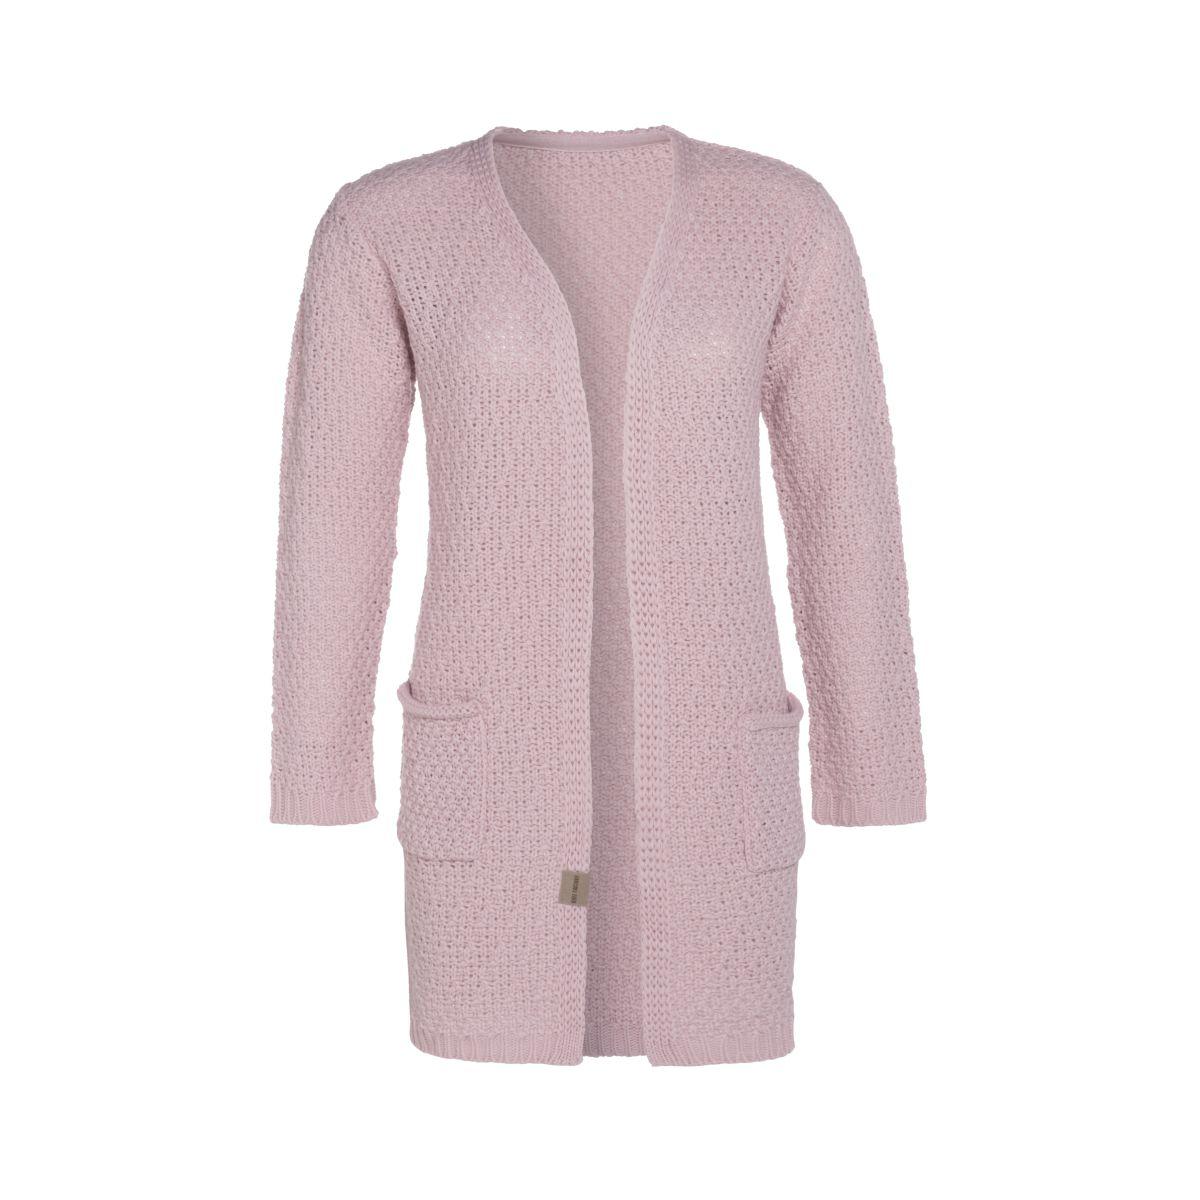 knit factory kf13308102149 luna vest roze 3638 1